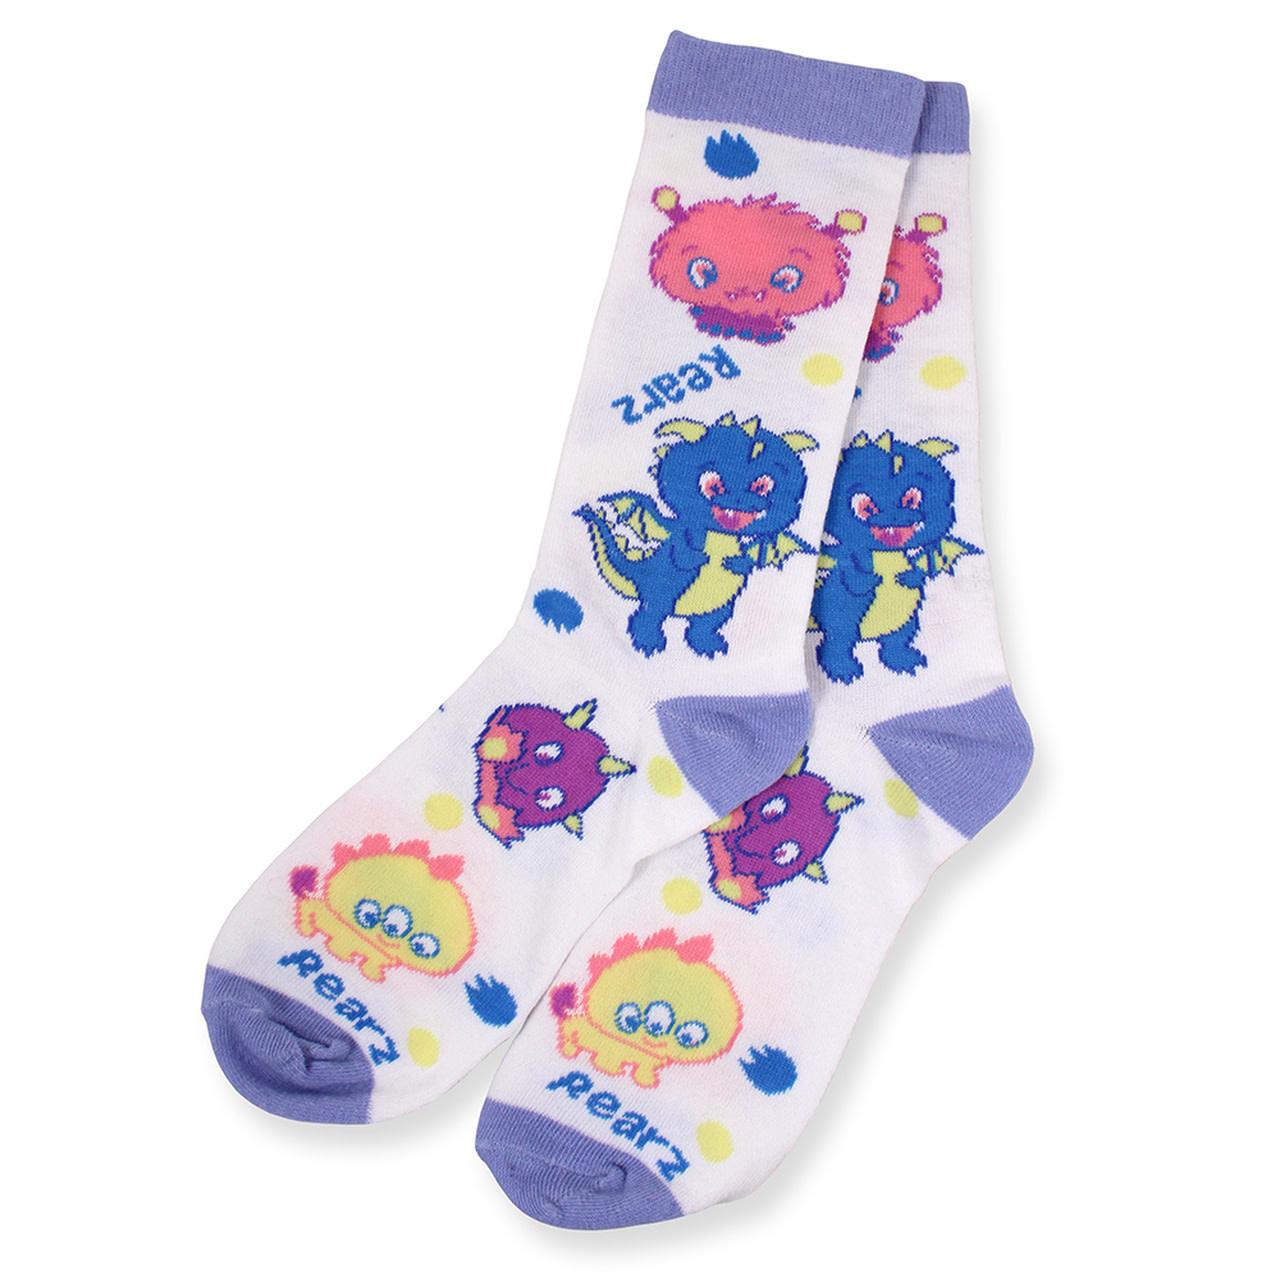 Rearz Crew Socks